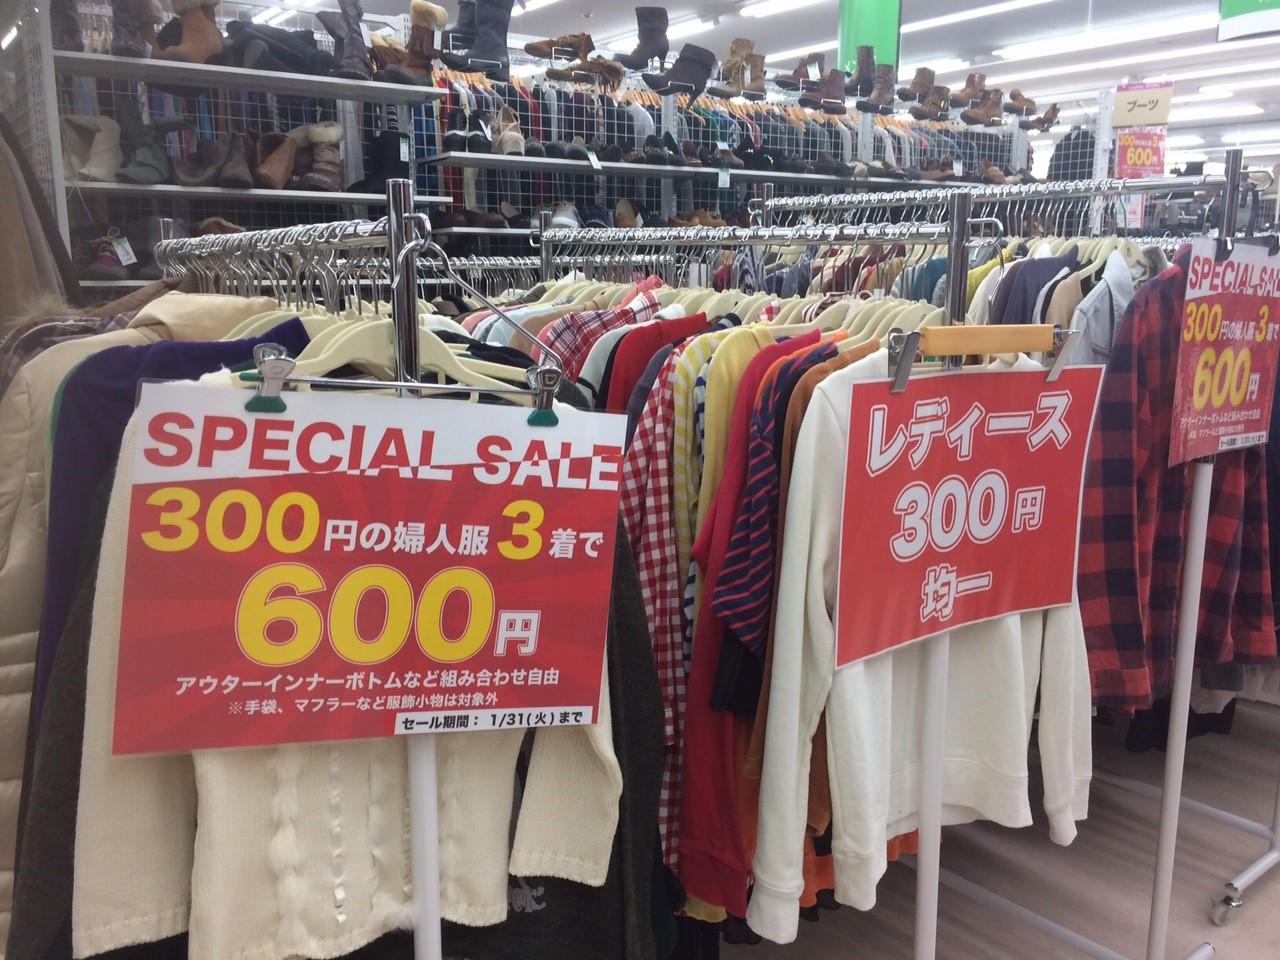 婦人服セール